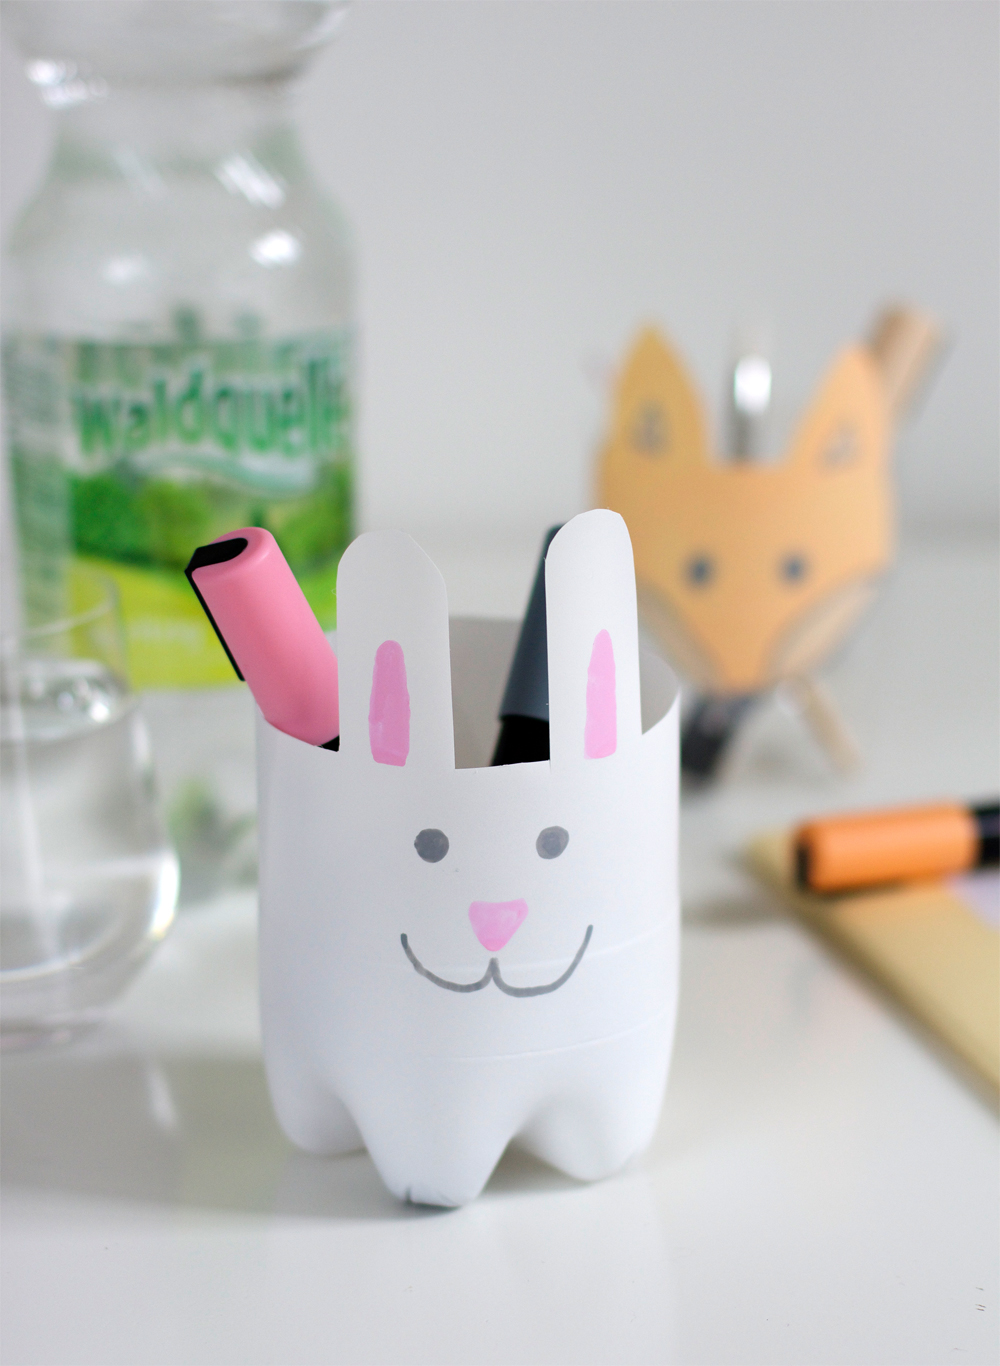 Stiftehalter aus Plastikflasche |we love handmade